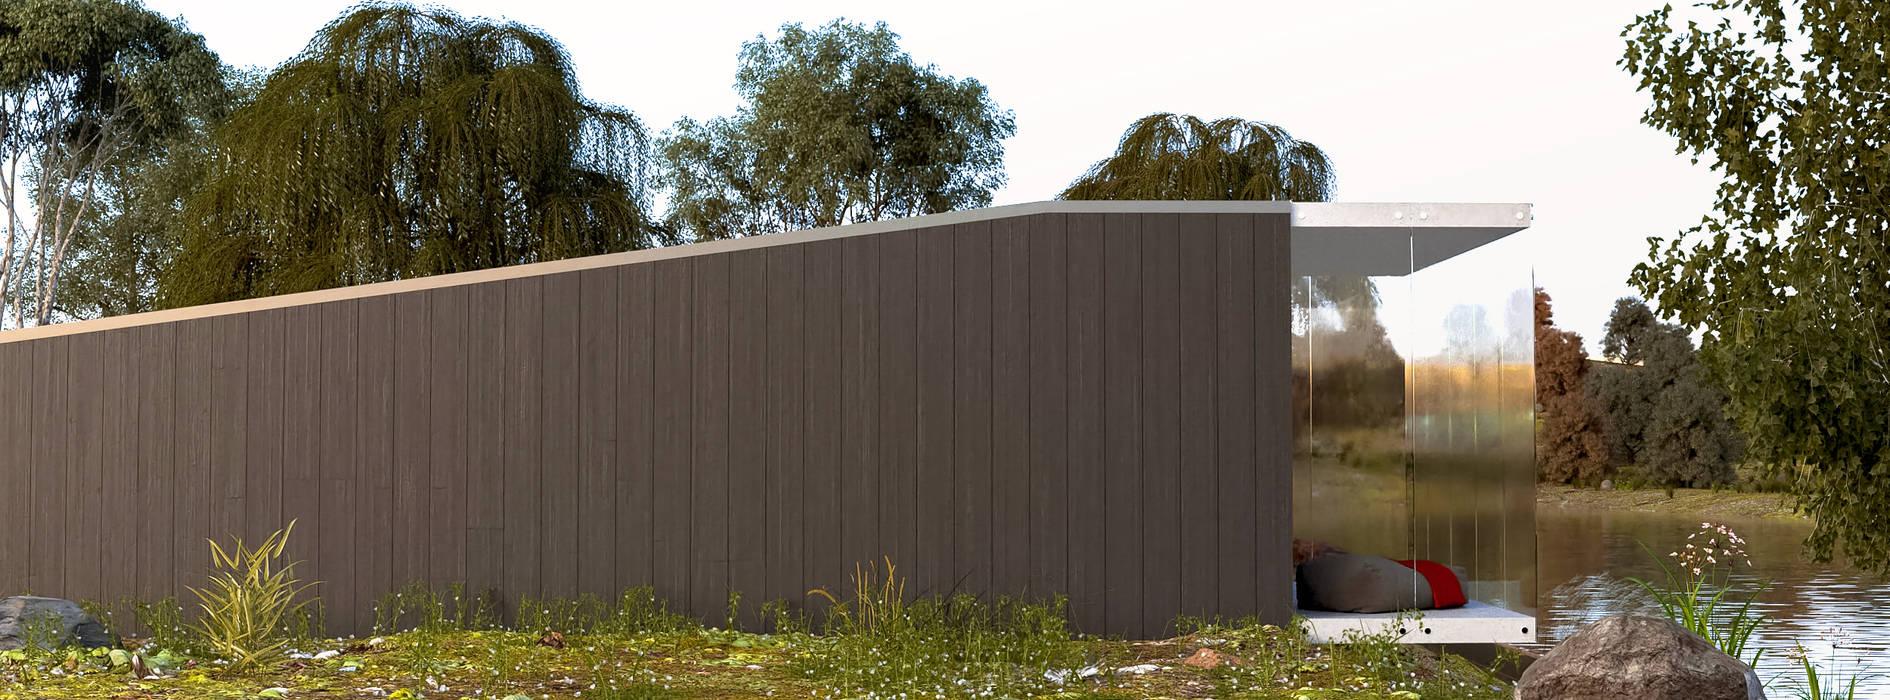 Rumah kayu oleh Rhombus arquitectos